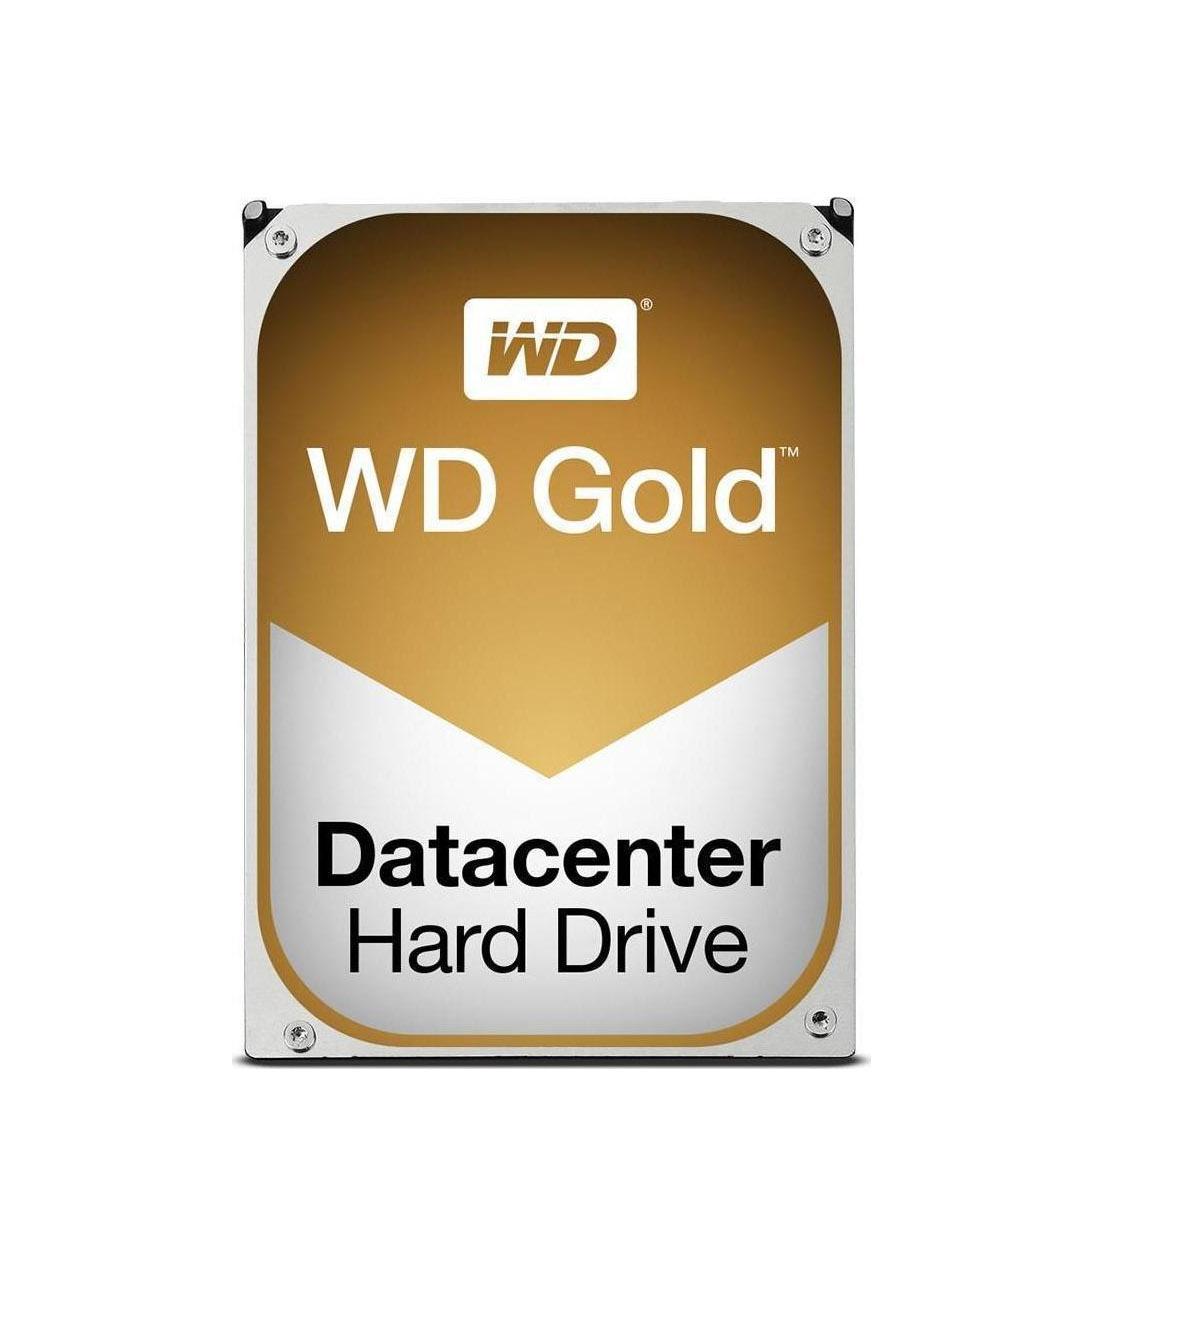 Western Digital Gold 1TB WD1005FBYZ Σκληρός Δίσκος Sata 3